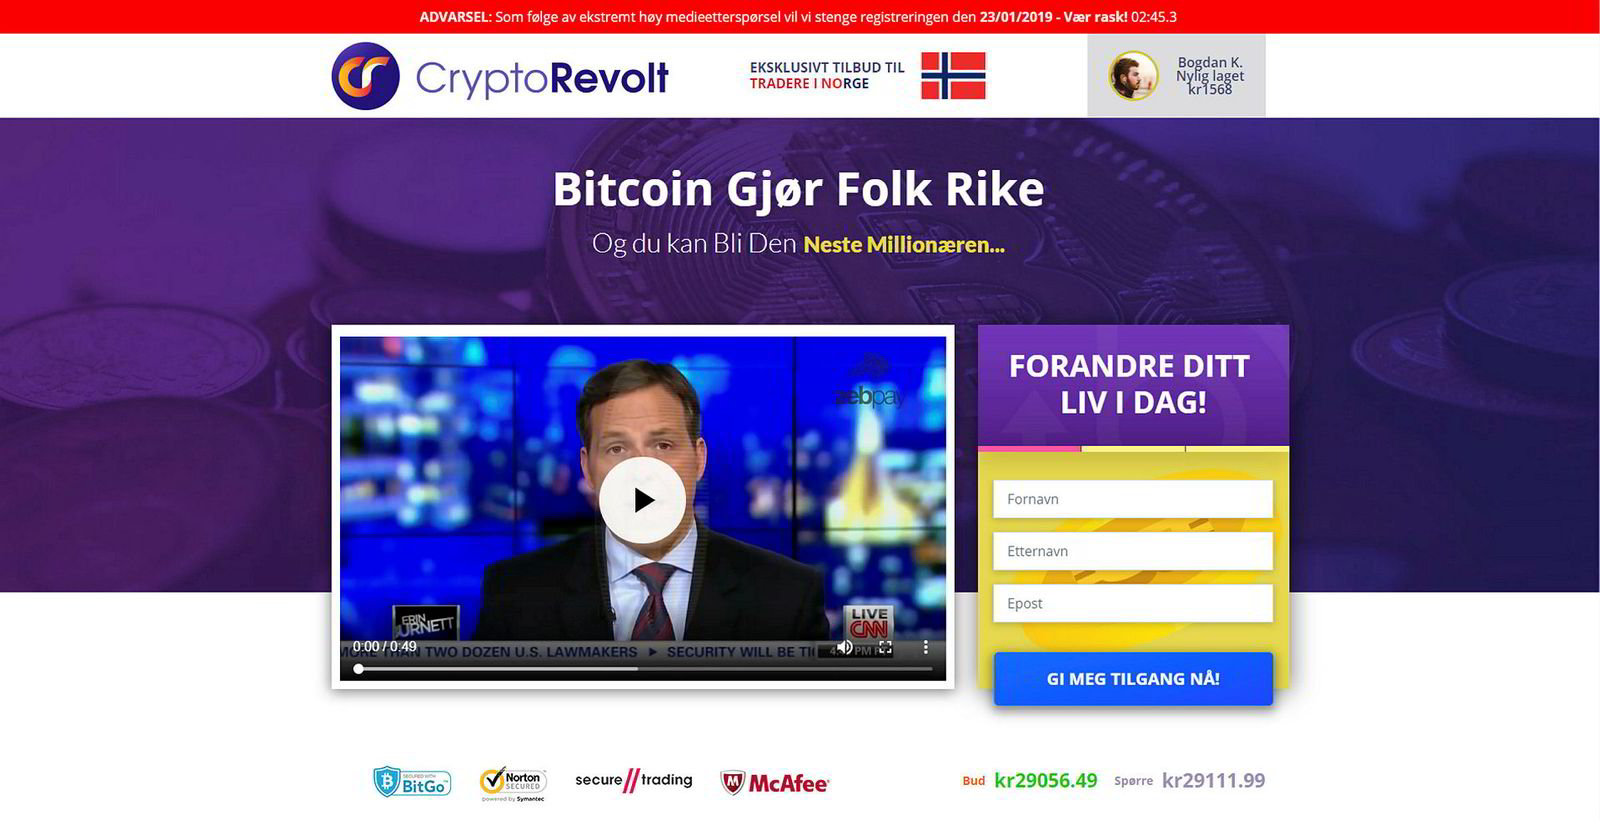 De falske nyhetssakene leder brukerne til svindelnettstedet CryptoRevolt.